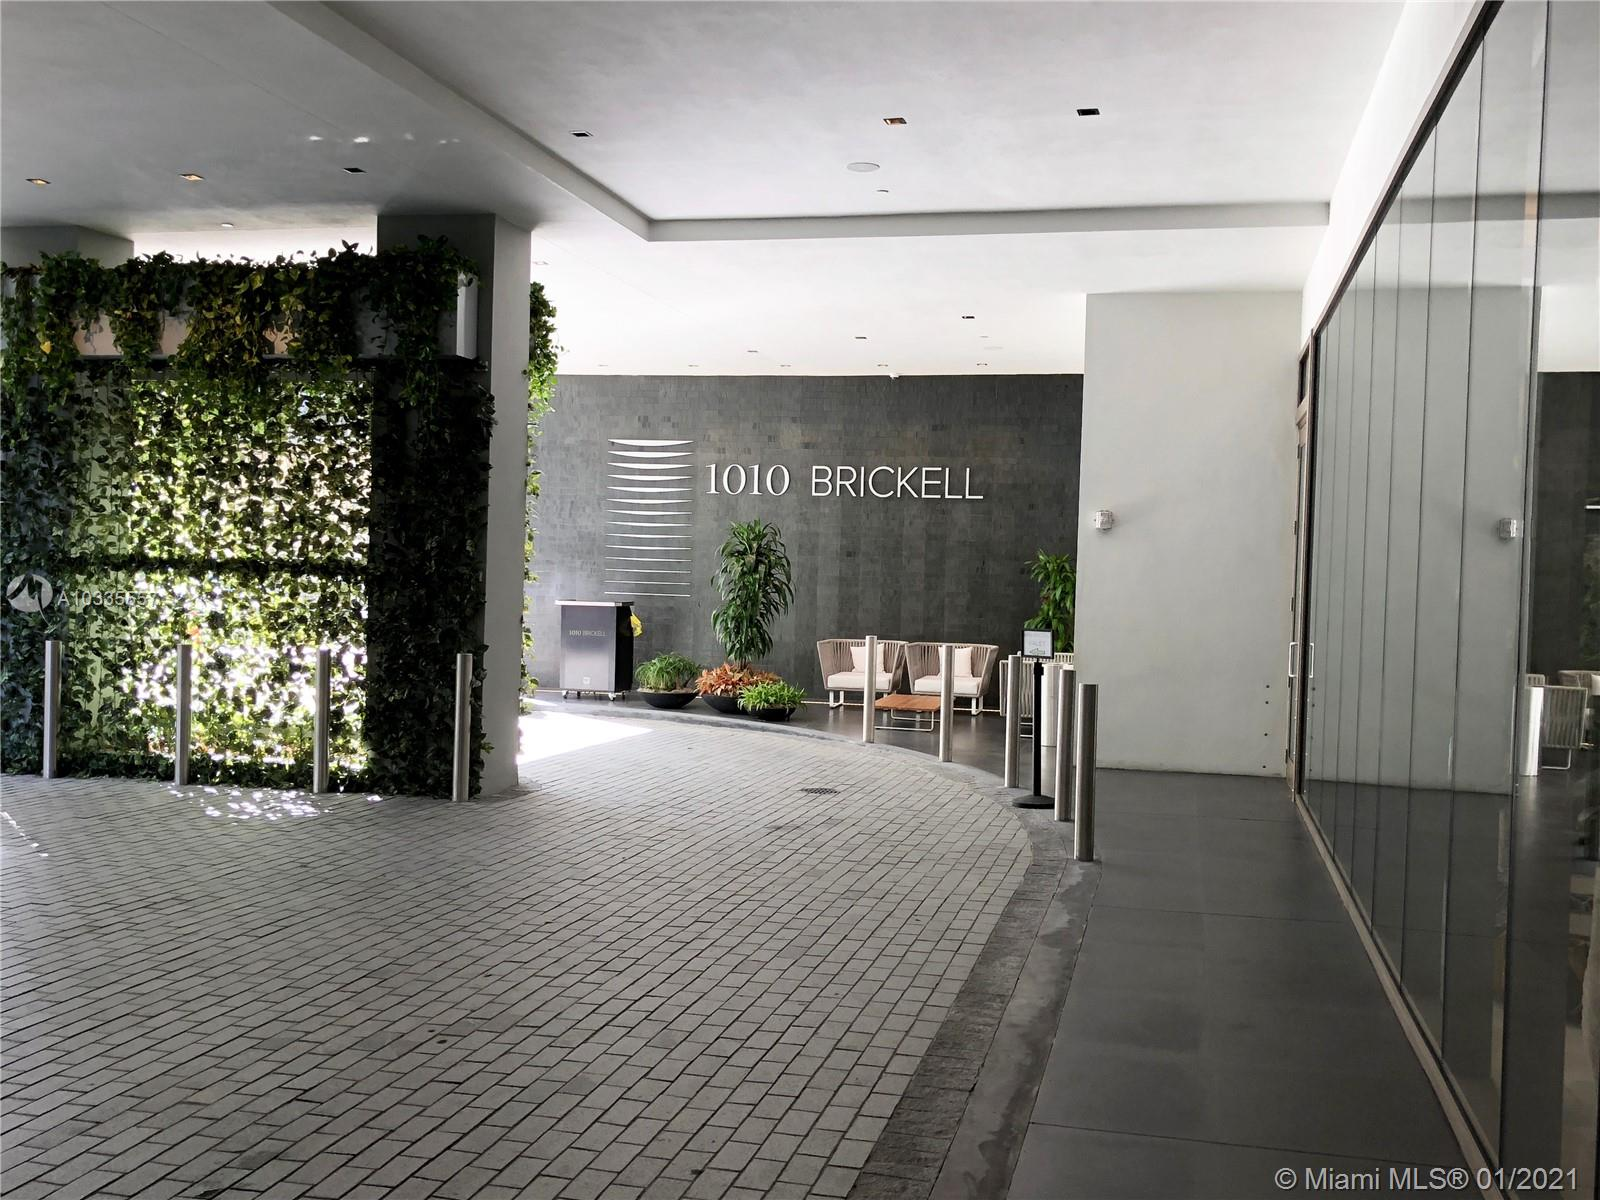 1010 Brickell Avenue, Miami, FL 33131, 1010 Brickell #4608, Brickell, Miami A10335557 image #30